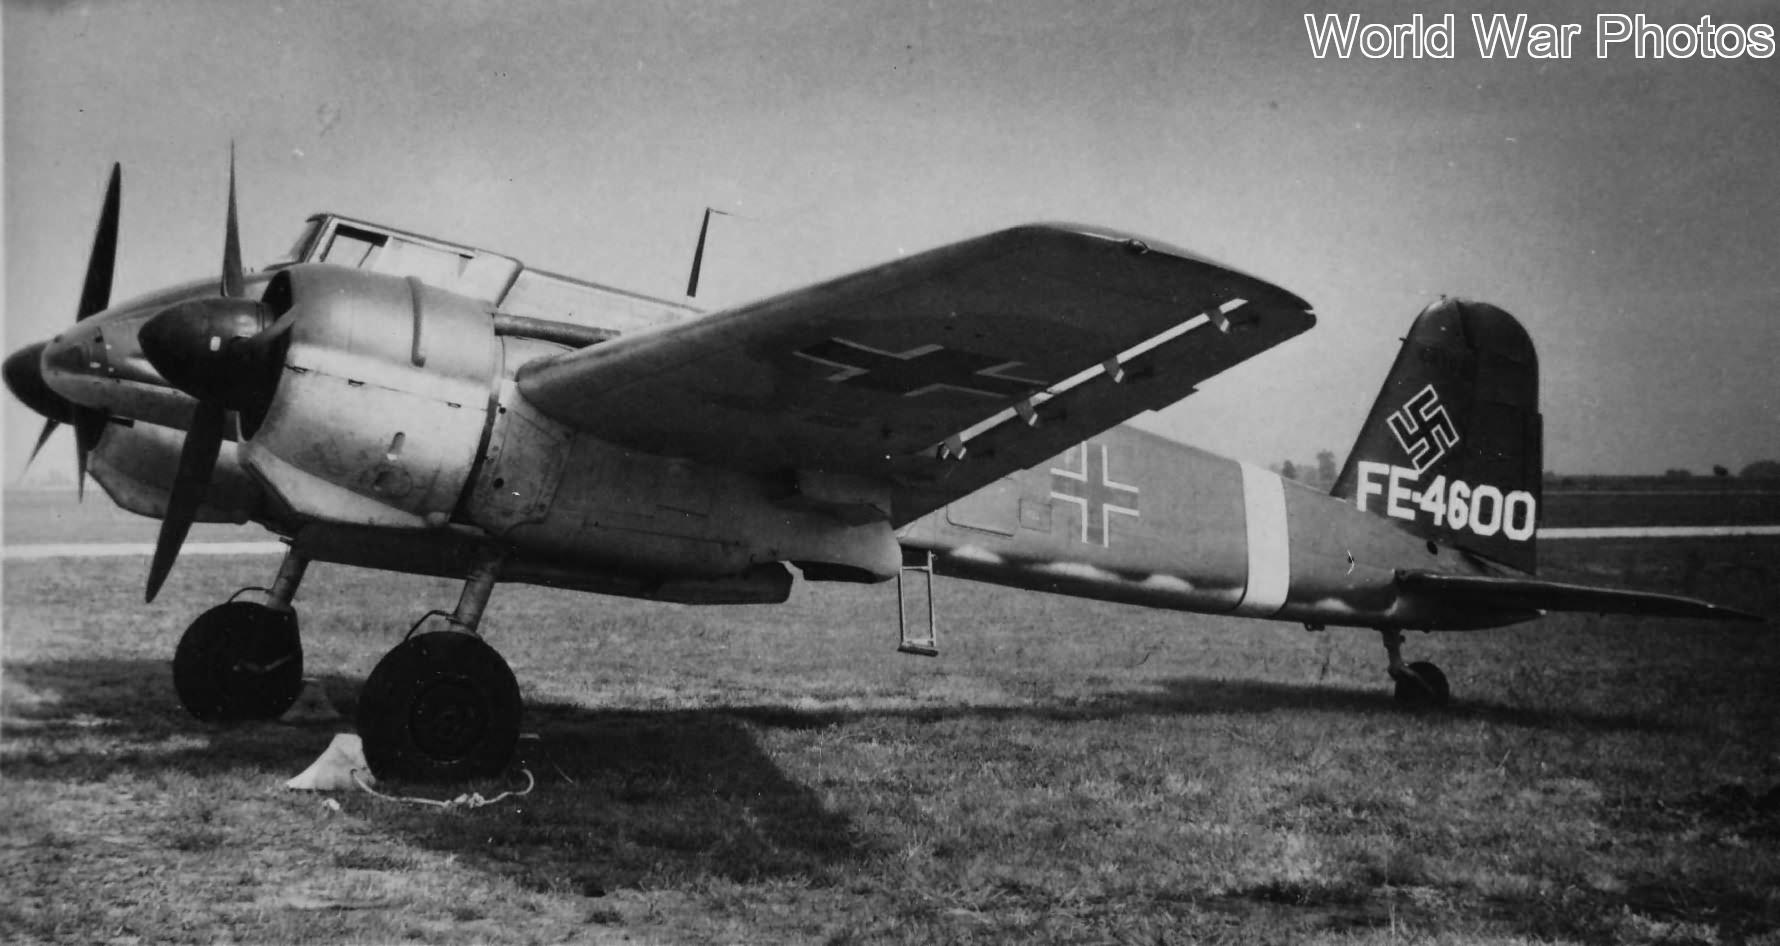 Henschel Hs 129 FE-4600 W.Nr 0385 Freeman Field